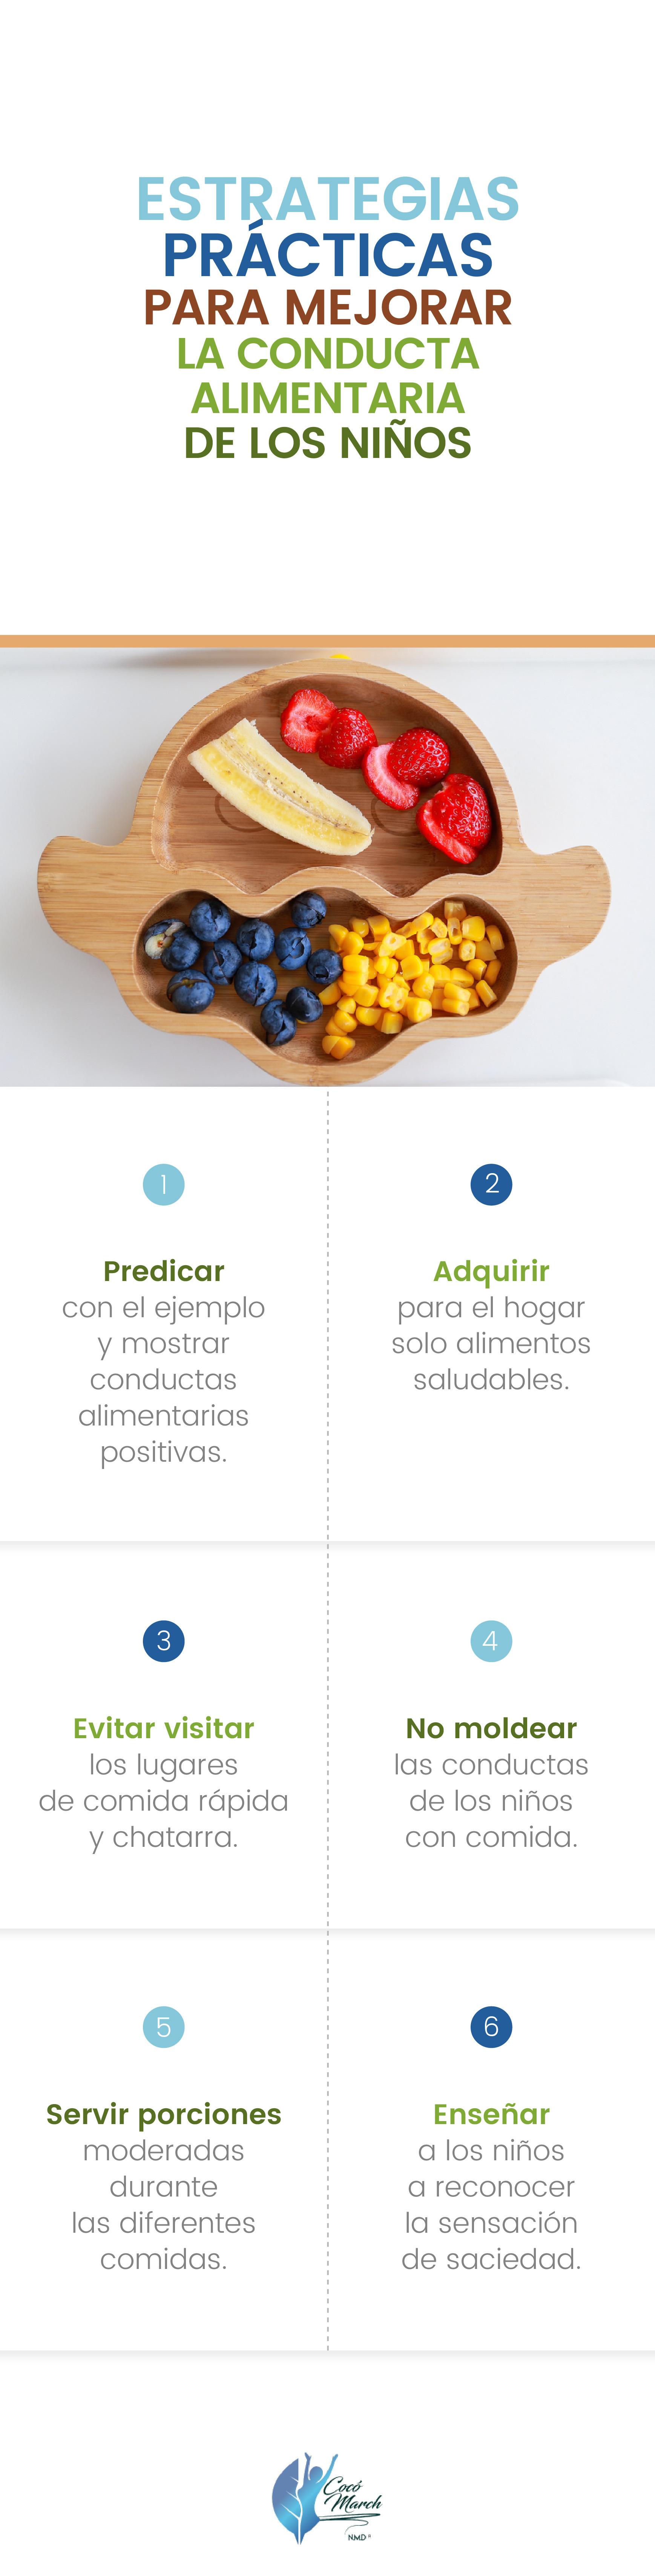 estrategias-practicas-mejorar-conducta-alimenticia-en-nños